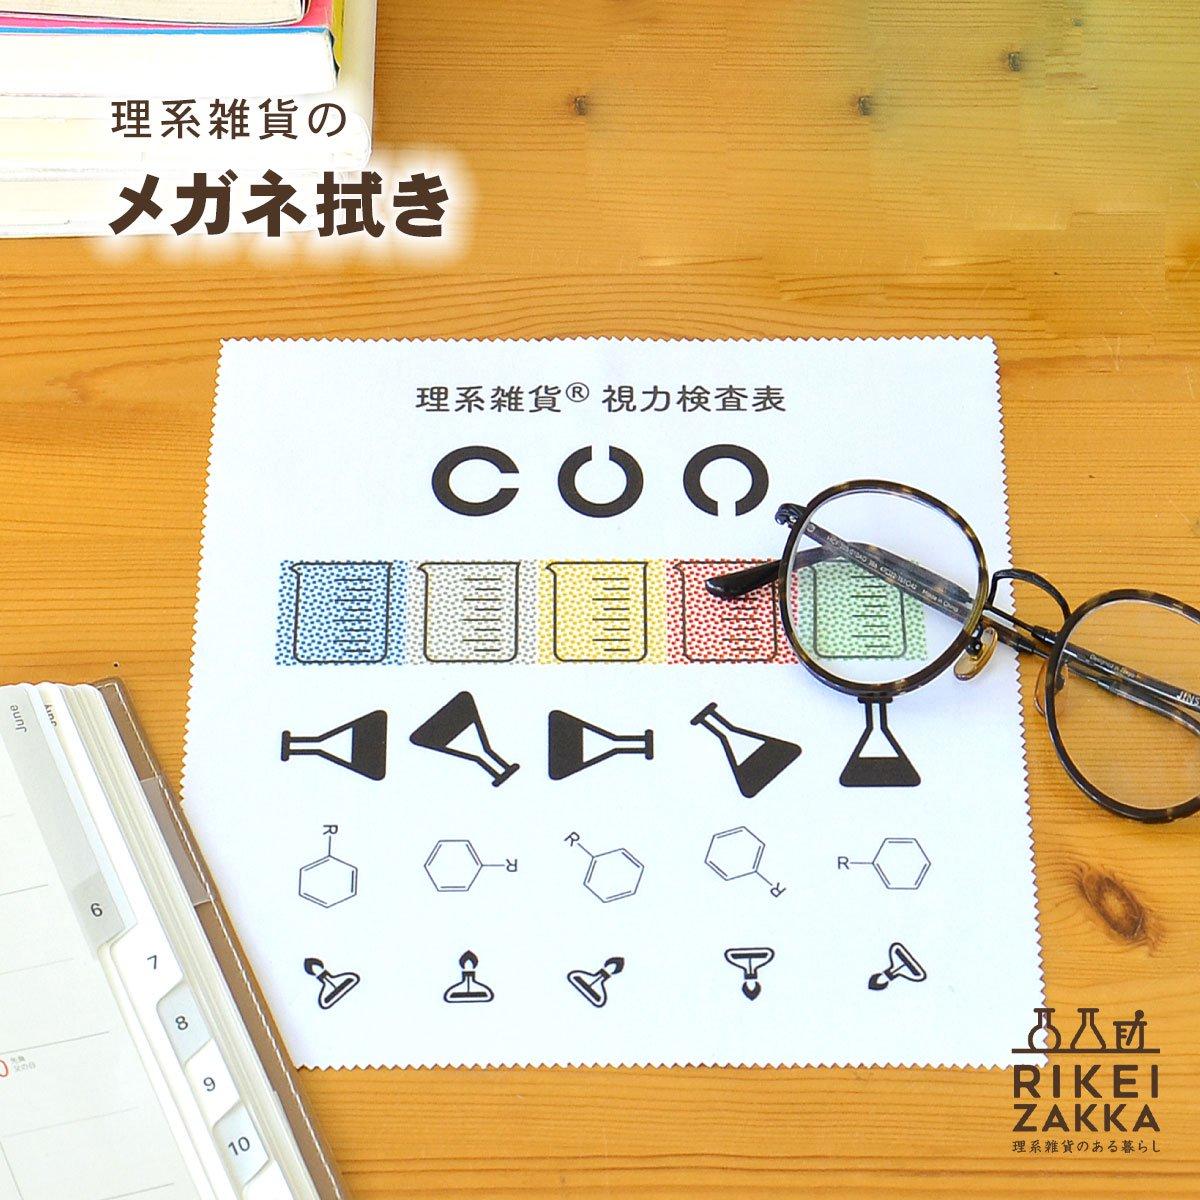 RIKEI-ZAKKA視力検査表めがね拭き